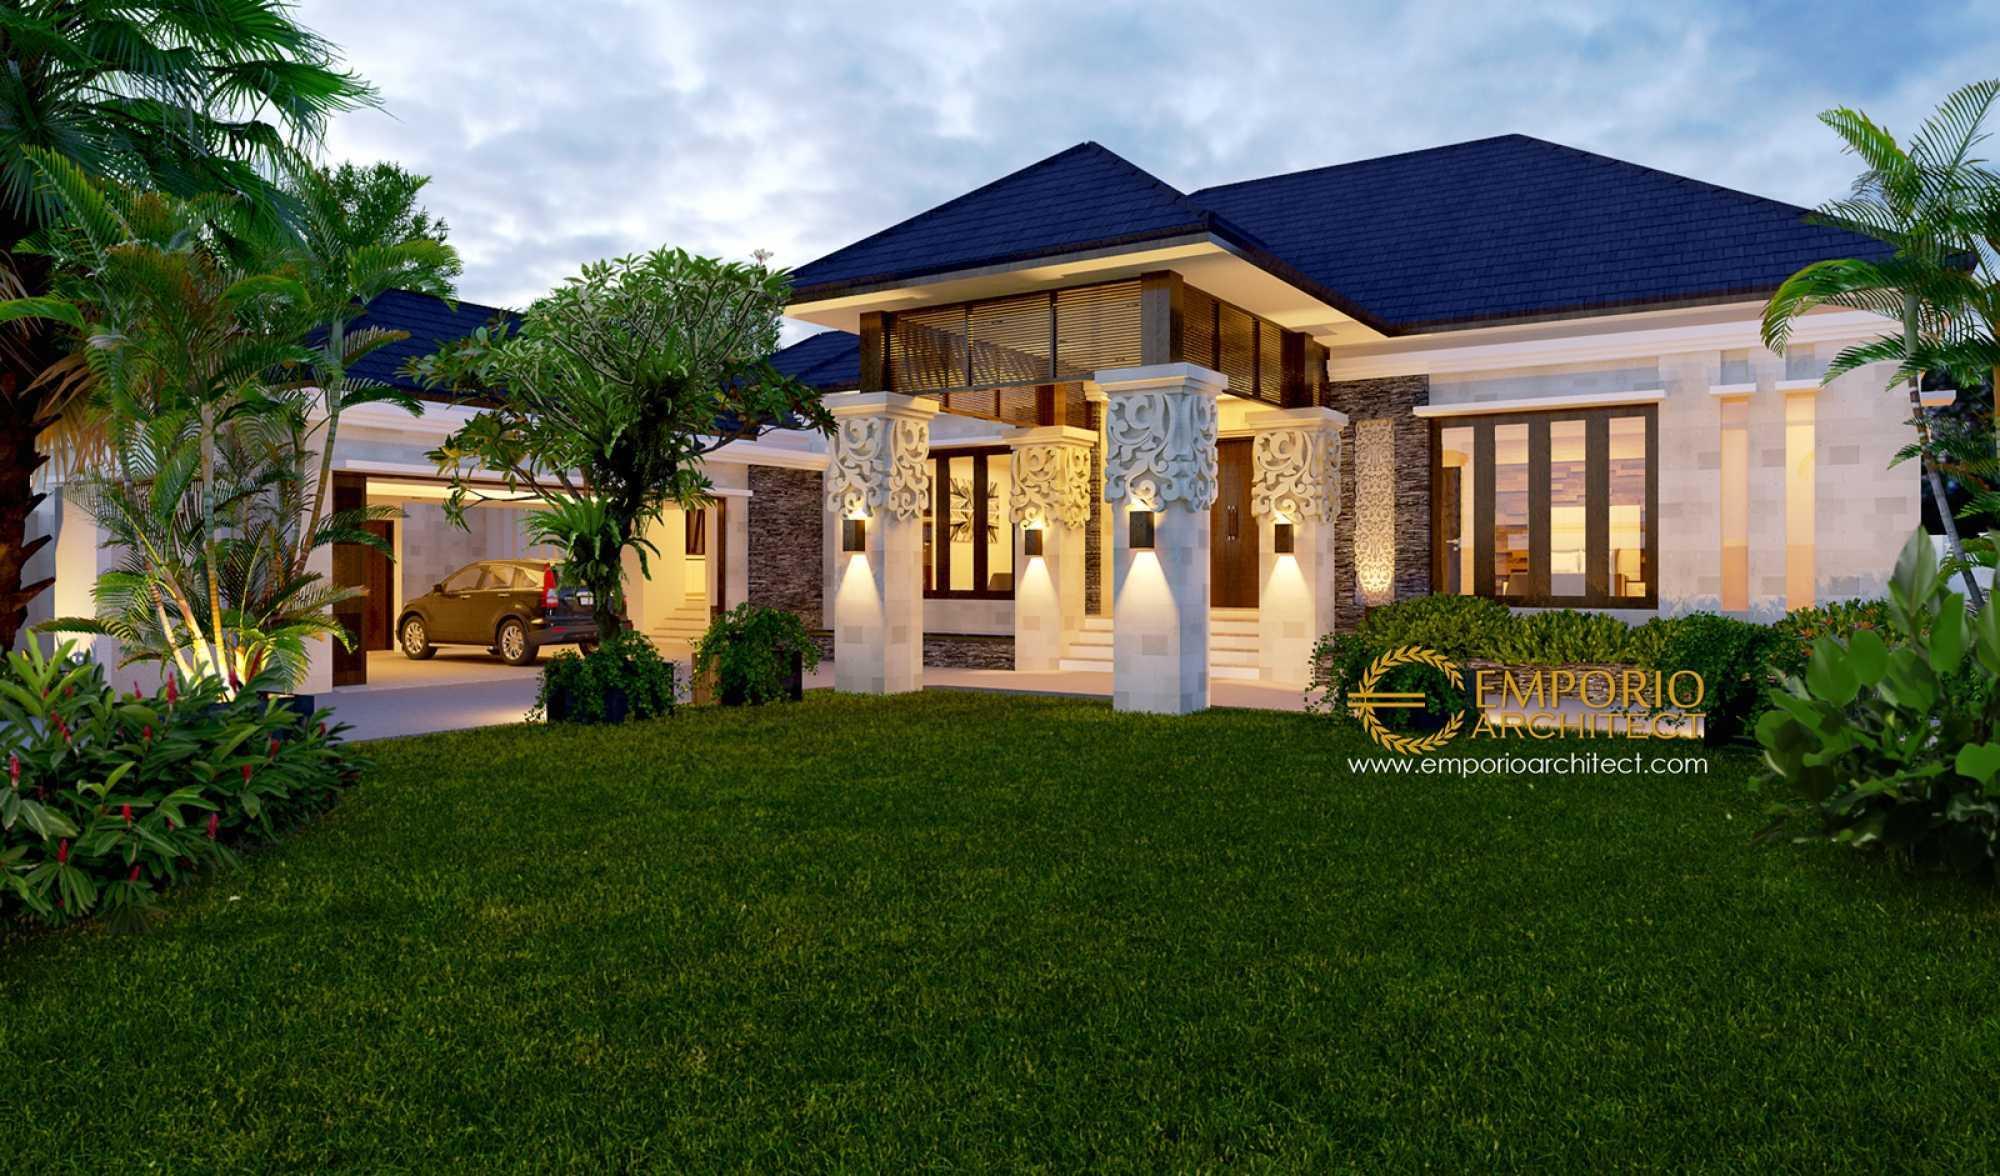 Jasa Arsitek Emporio Architect di Palembang